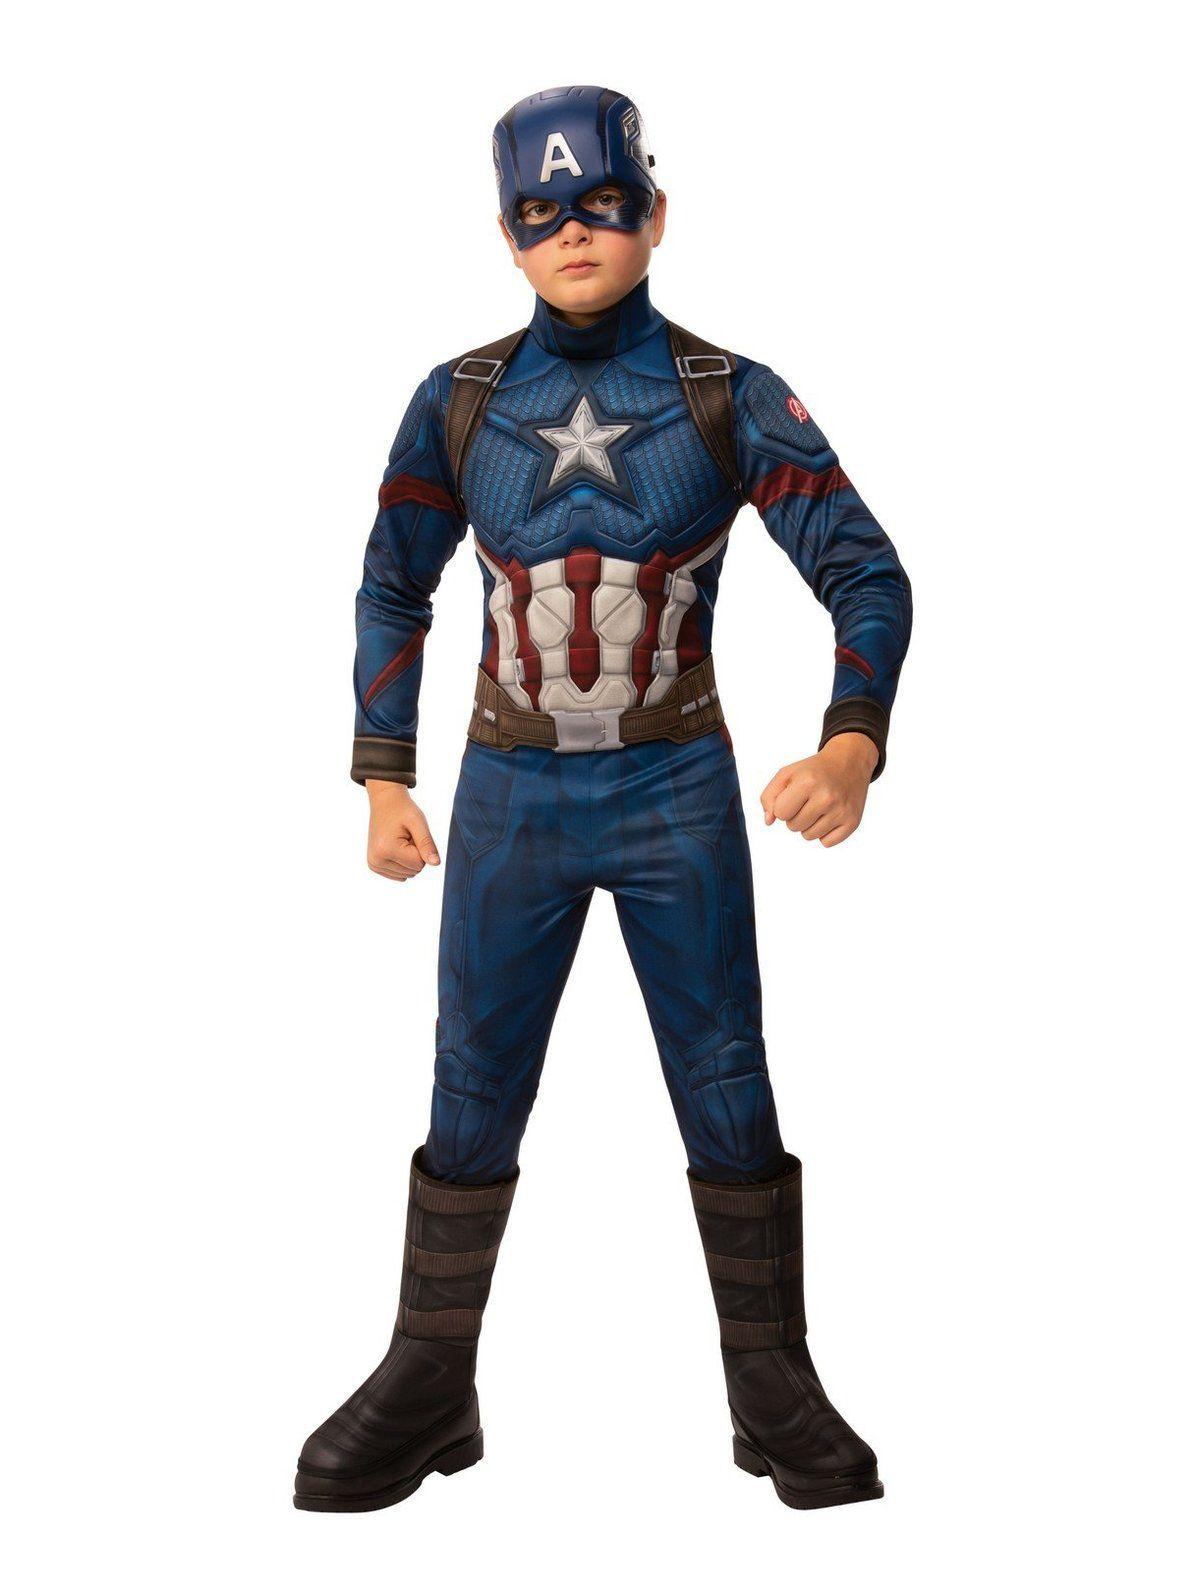 Avengers Endgame Deluxe Captain America Adult Costume